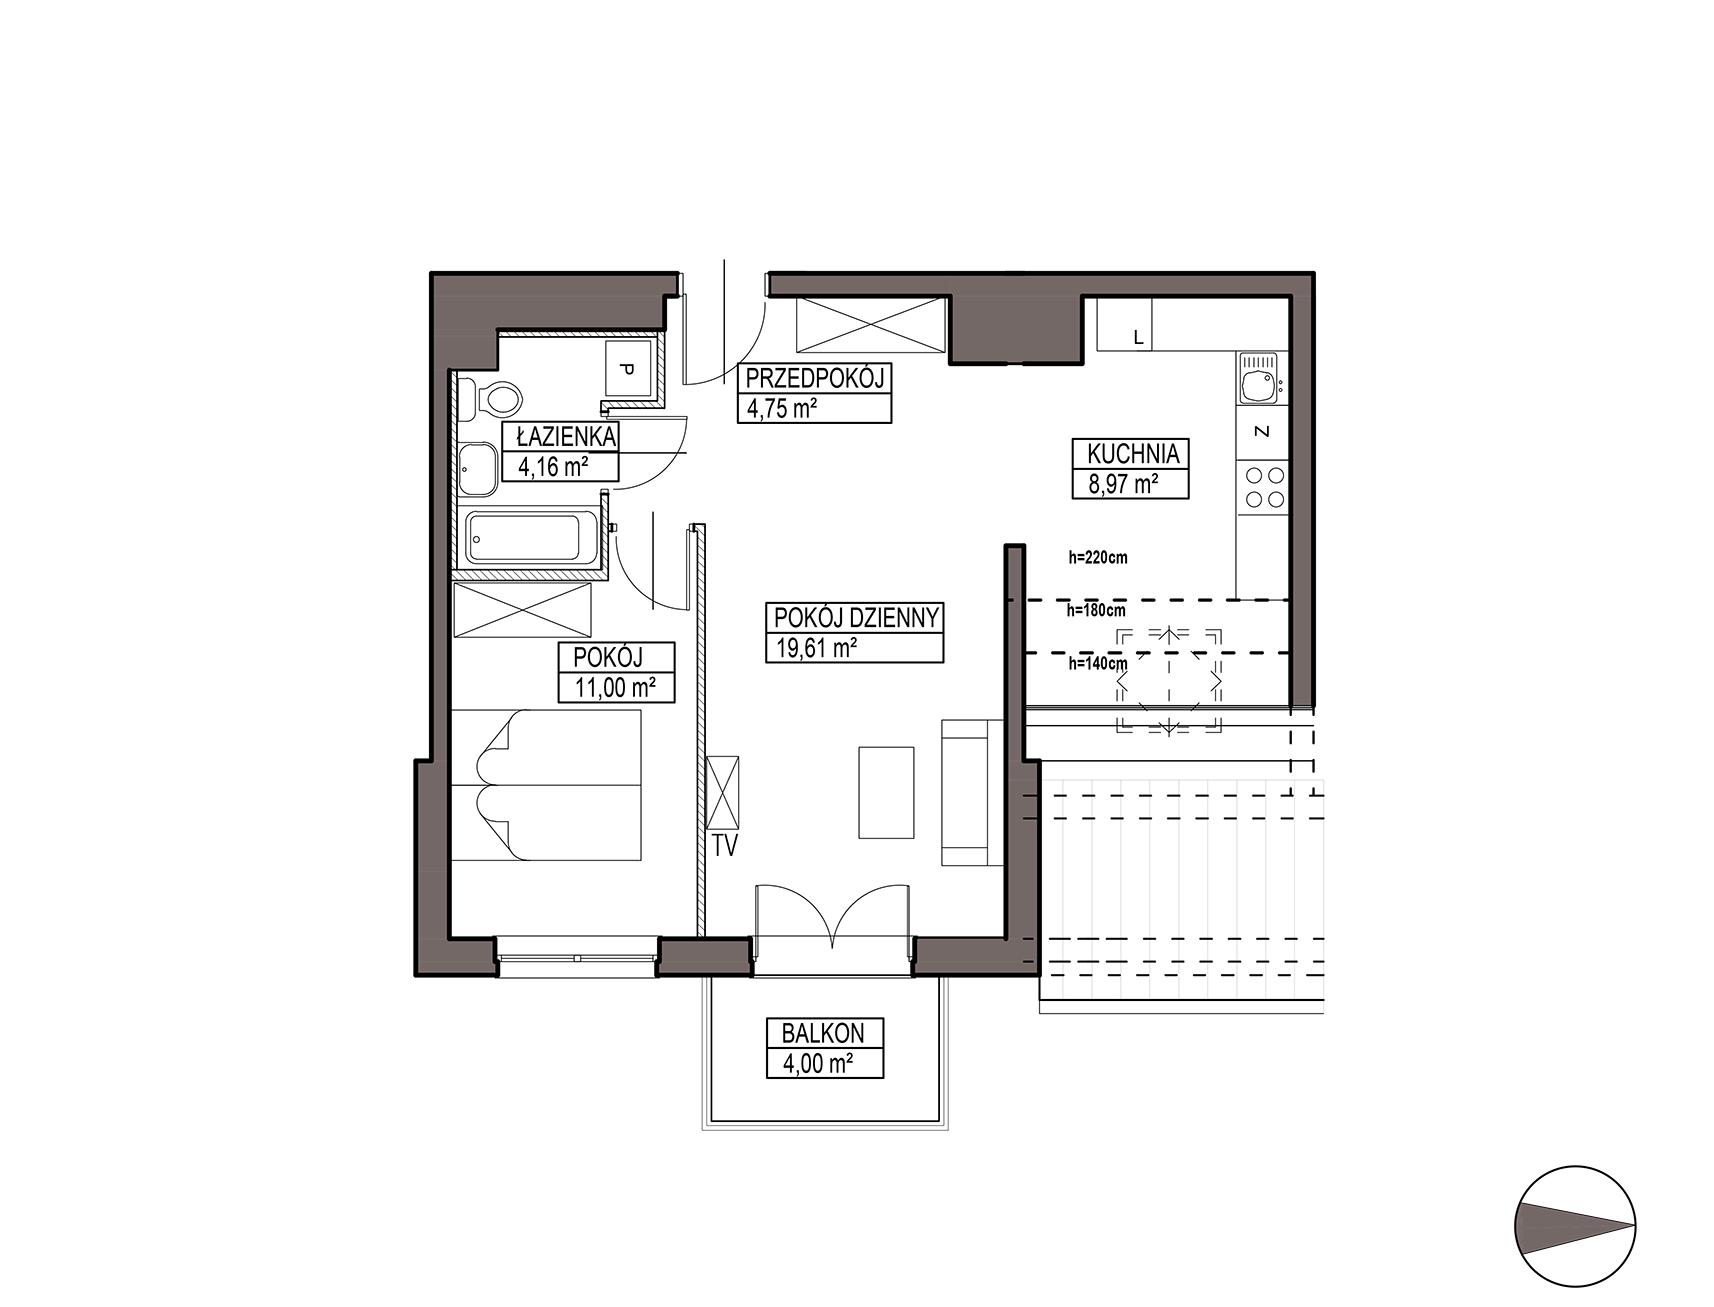 Uroczysko III / budynek 5 / mieszkanie G/3/47 rzut 1